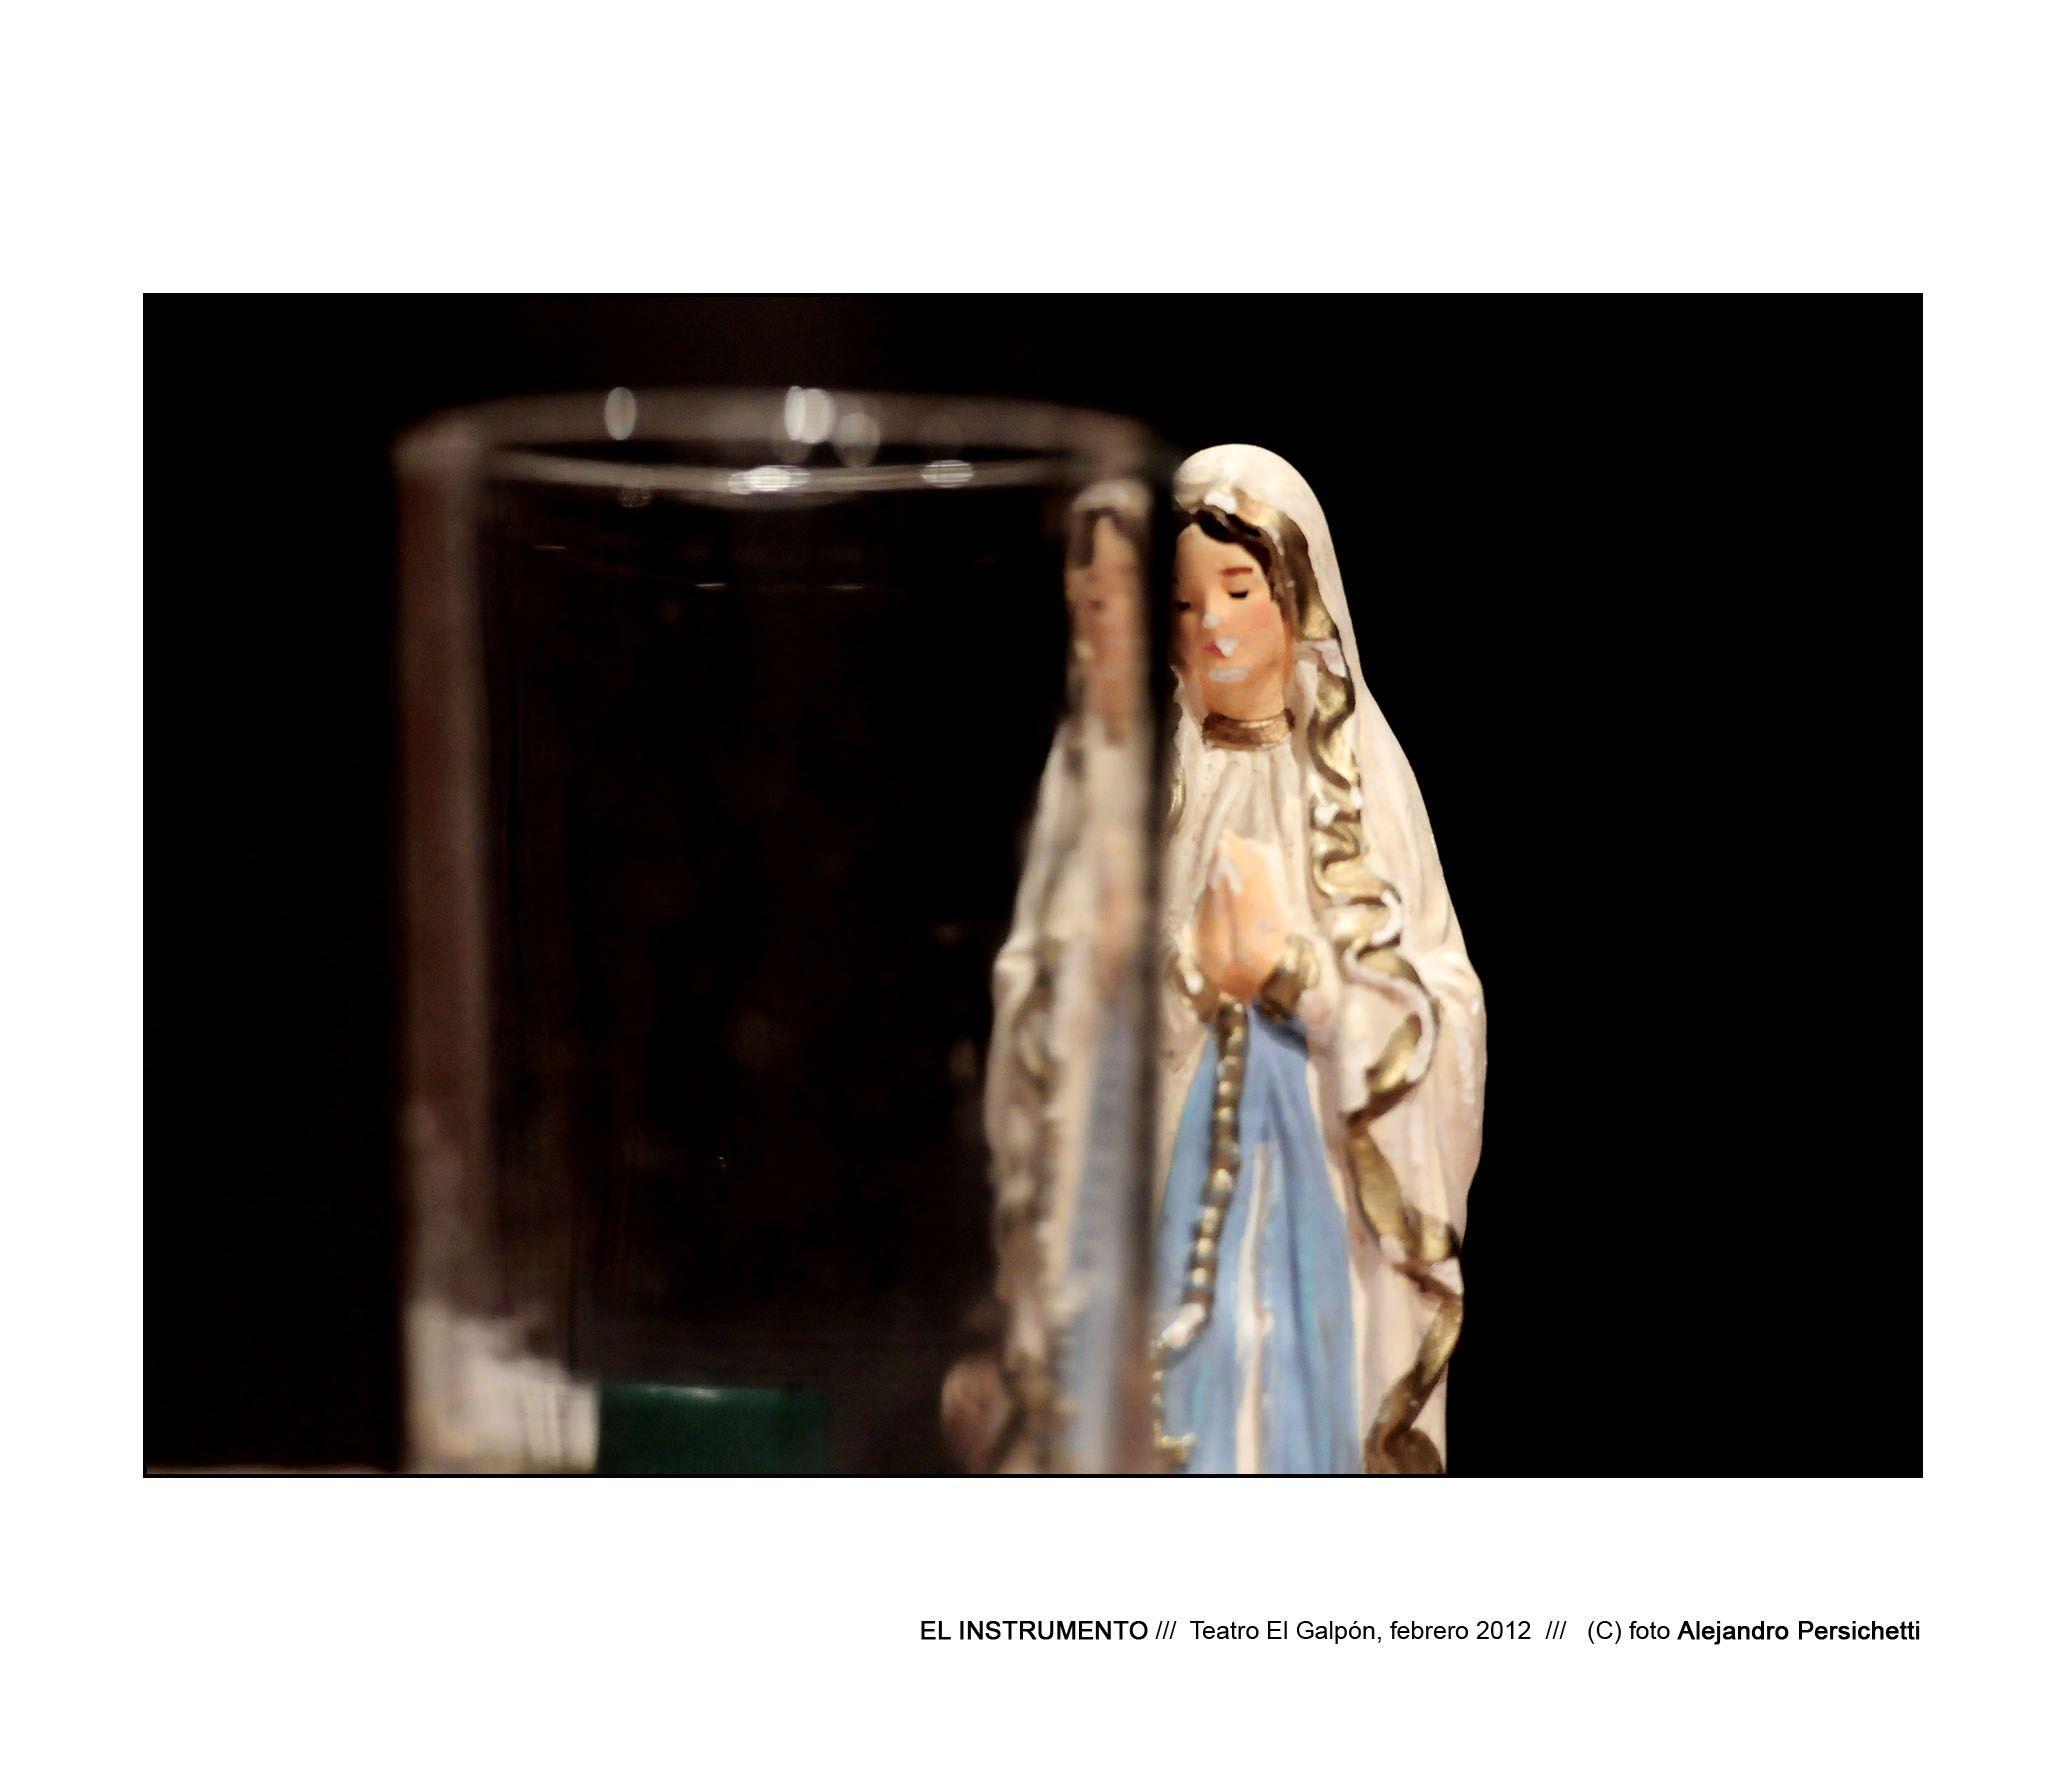 El Instrumento, 2012 Teatro el Galpón